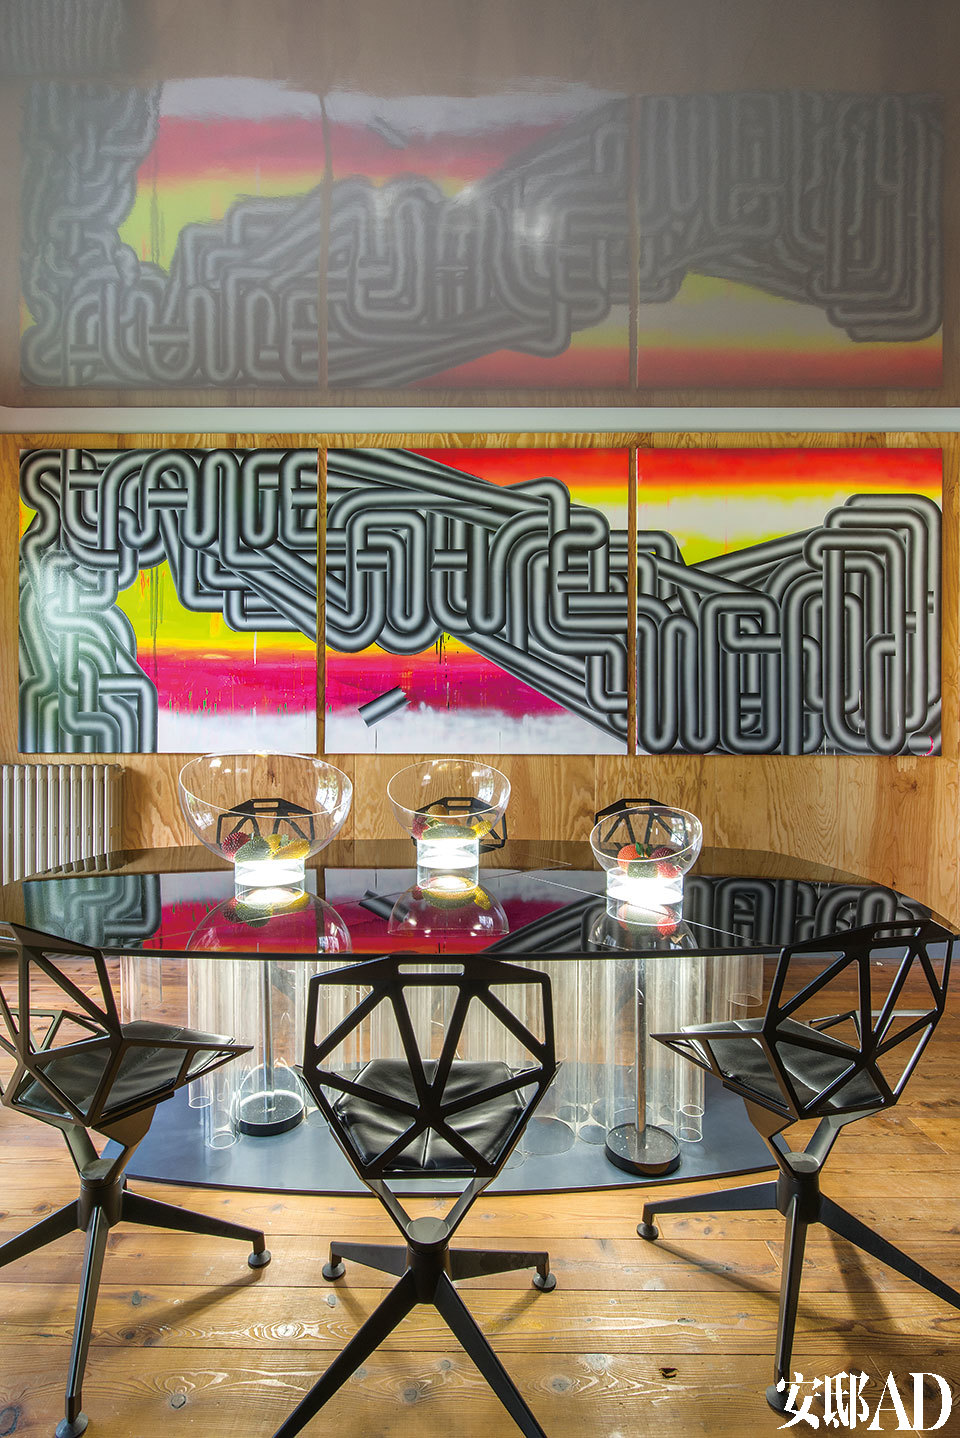 """主人毫不掩饰自己对于多元化和混搭物品的 喜爱,对他来说这高于一切,美国的格林兄弟和日 本的安藤忠雄都让他如痴如醉。餐厅的椅子是Konstantin Grcic的四星设计,黑色铸铝椅架,表面镀钛粉刷聚酯漆;餐桌是法布里斯·奥赛自己的设计,烟黑漆面钢腿,搭配打上背光的树脂玻璃。壁画取名""""Strange""""(奇特),来自Ernesto Leal。"""